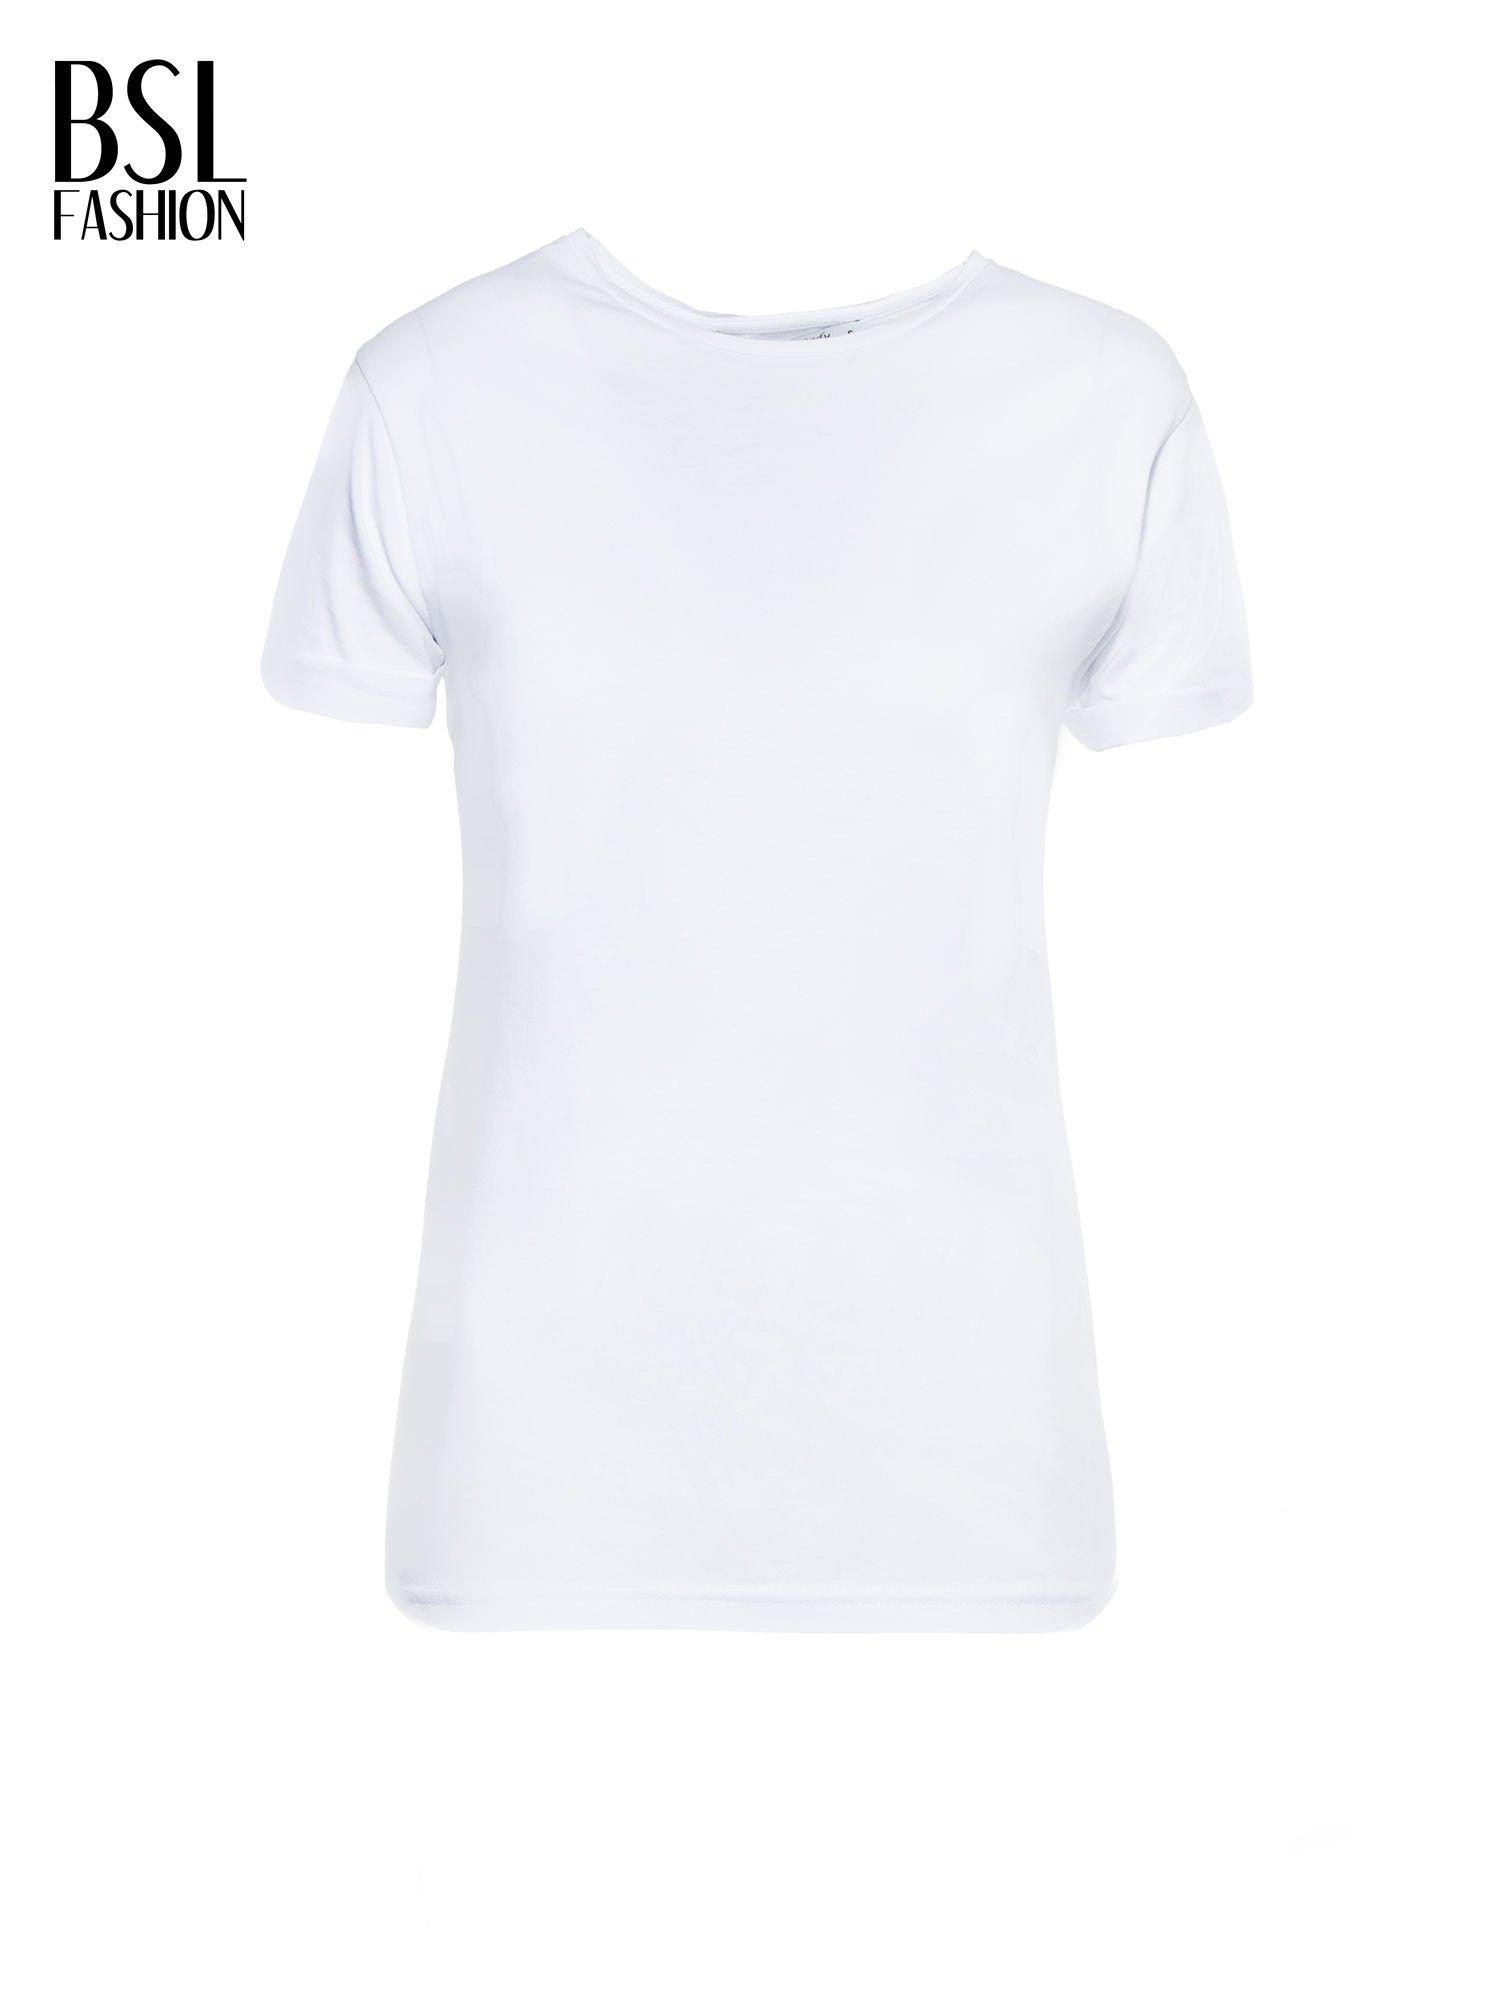 Biały t-shirt z napisem MARGIELA 47 na plecach                                  zdj.                                  2